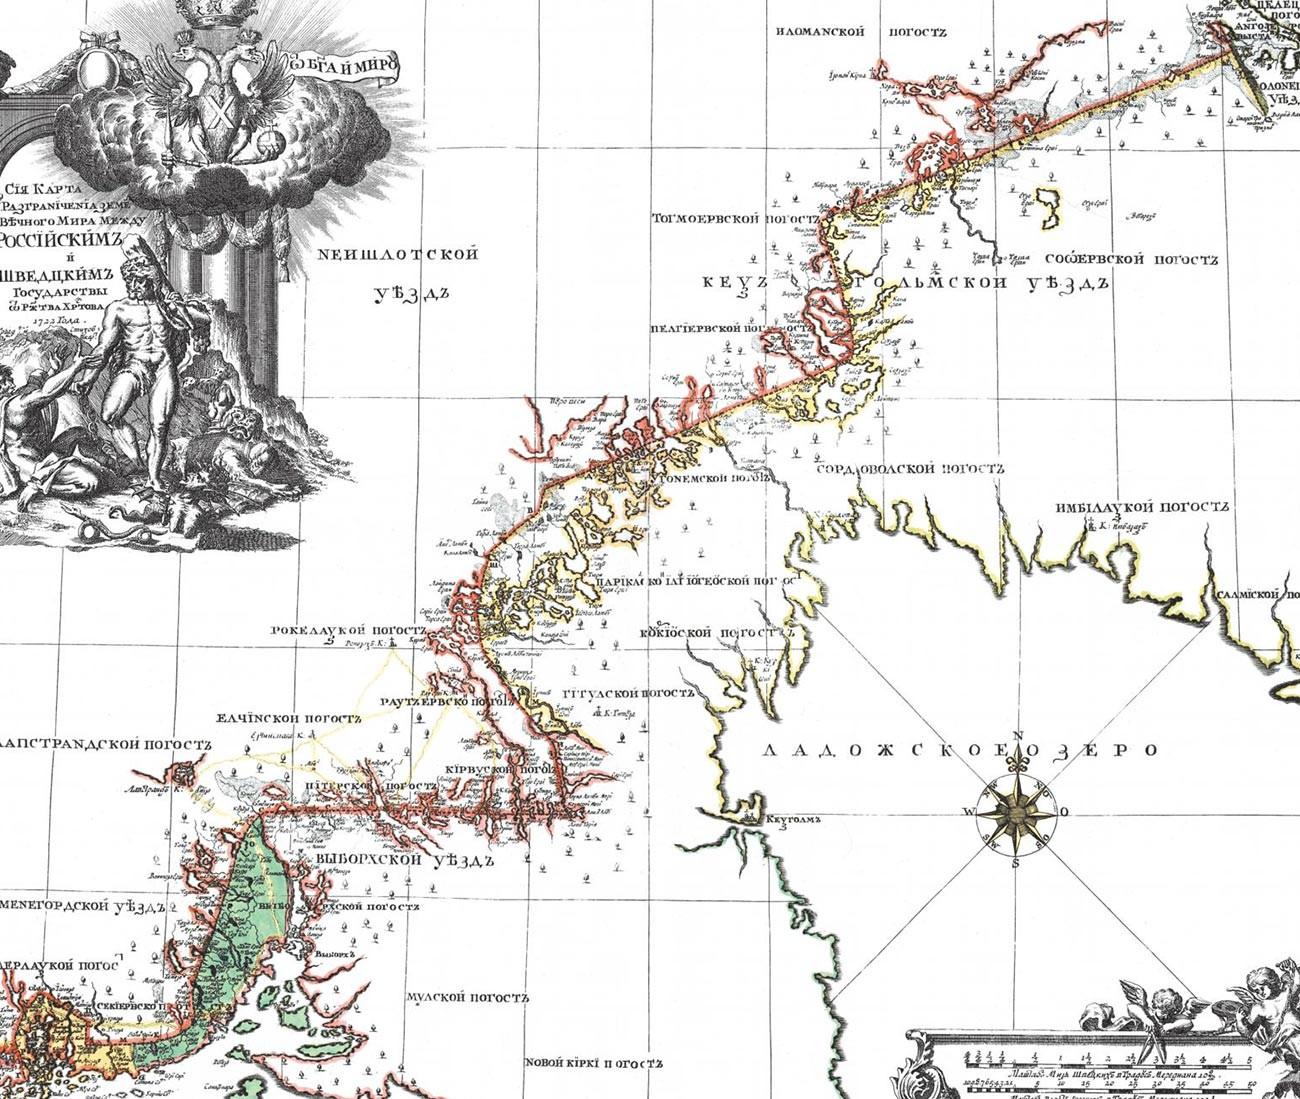 Karte der Landabgrenzung zwischen den russischen und schwedischen Staaten nach dem Friedensvertrag von Nystadt (1722).